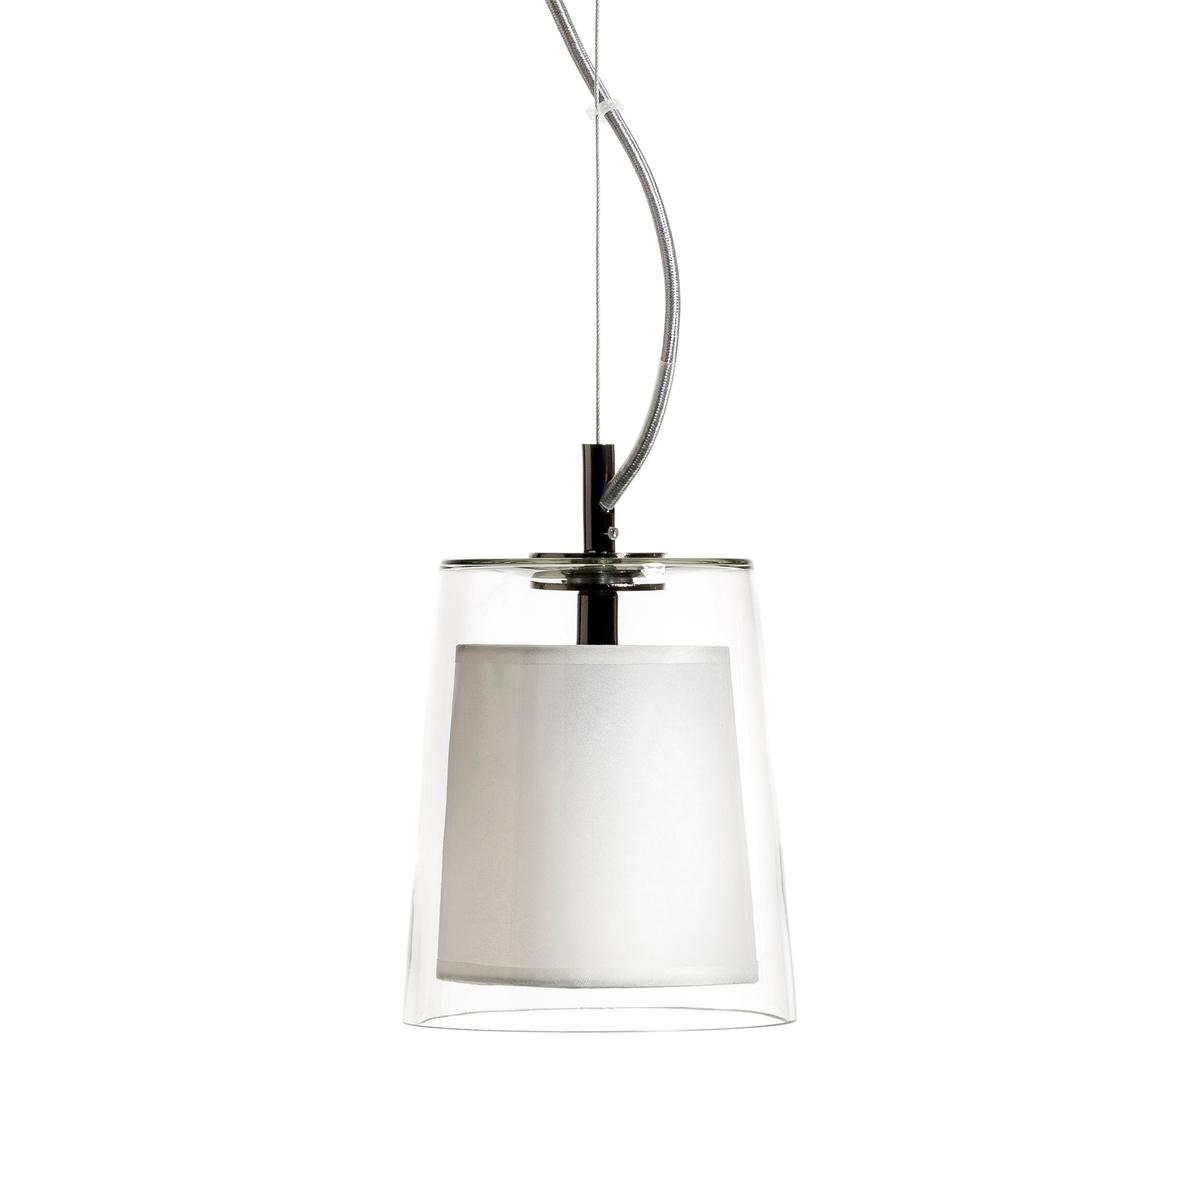 Светильник Duo дизайн Э. Галлины, маленькая модельКоллекция светильников DUO всегда сочетает колпак из стекла с абажуром из бумаги кальки, рассеивающей свет, что создает уютную и приятную атмосферу .Абажур из цветного стекла и кальки  . Кабель из металла . - Подставка из металла с хромированной черной отделкой    . Этот светильник совместим с лампочками энергетического класса A  .Диаметр 14,5 см, Верх . 17 см. Патрон E14.  Флюокомпактная лампочка макс 11 W, не входит в комплект  .<br><br>Цвет: прозрачный